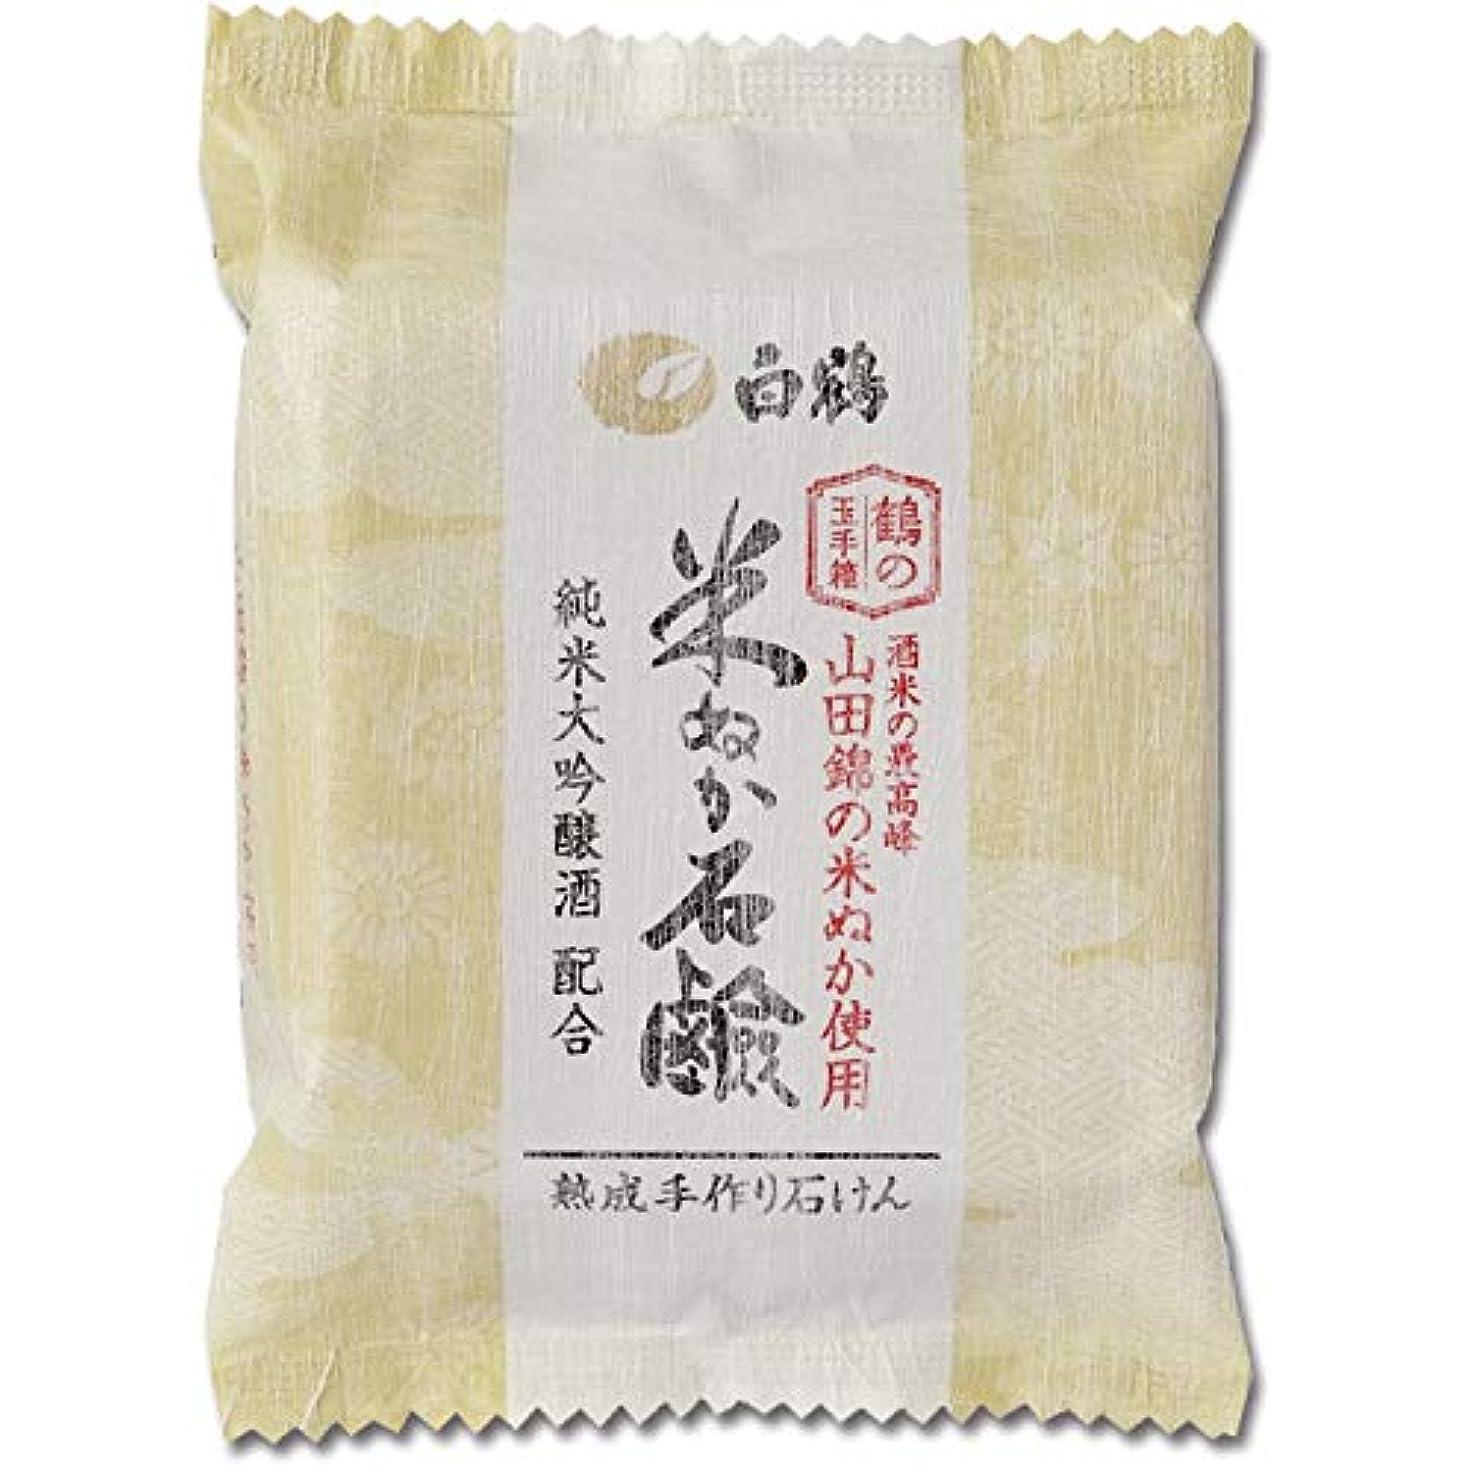 クロニクル対応サイバースペース白鶴 鶴の玉手箱 米ぬか石けん 100g (全身用石鹸)